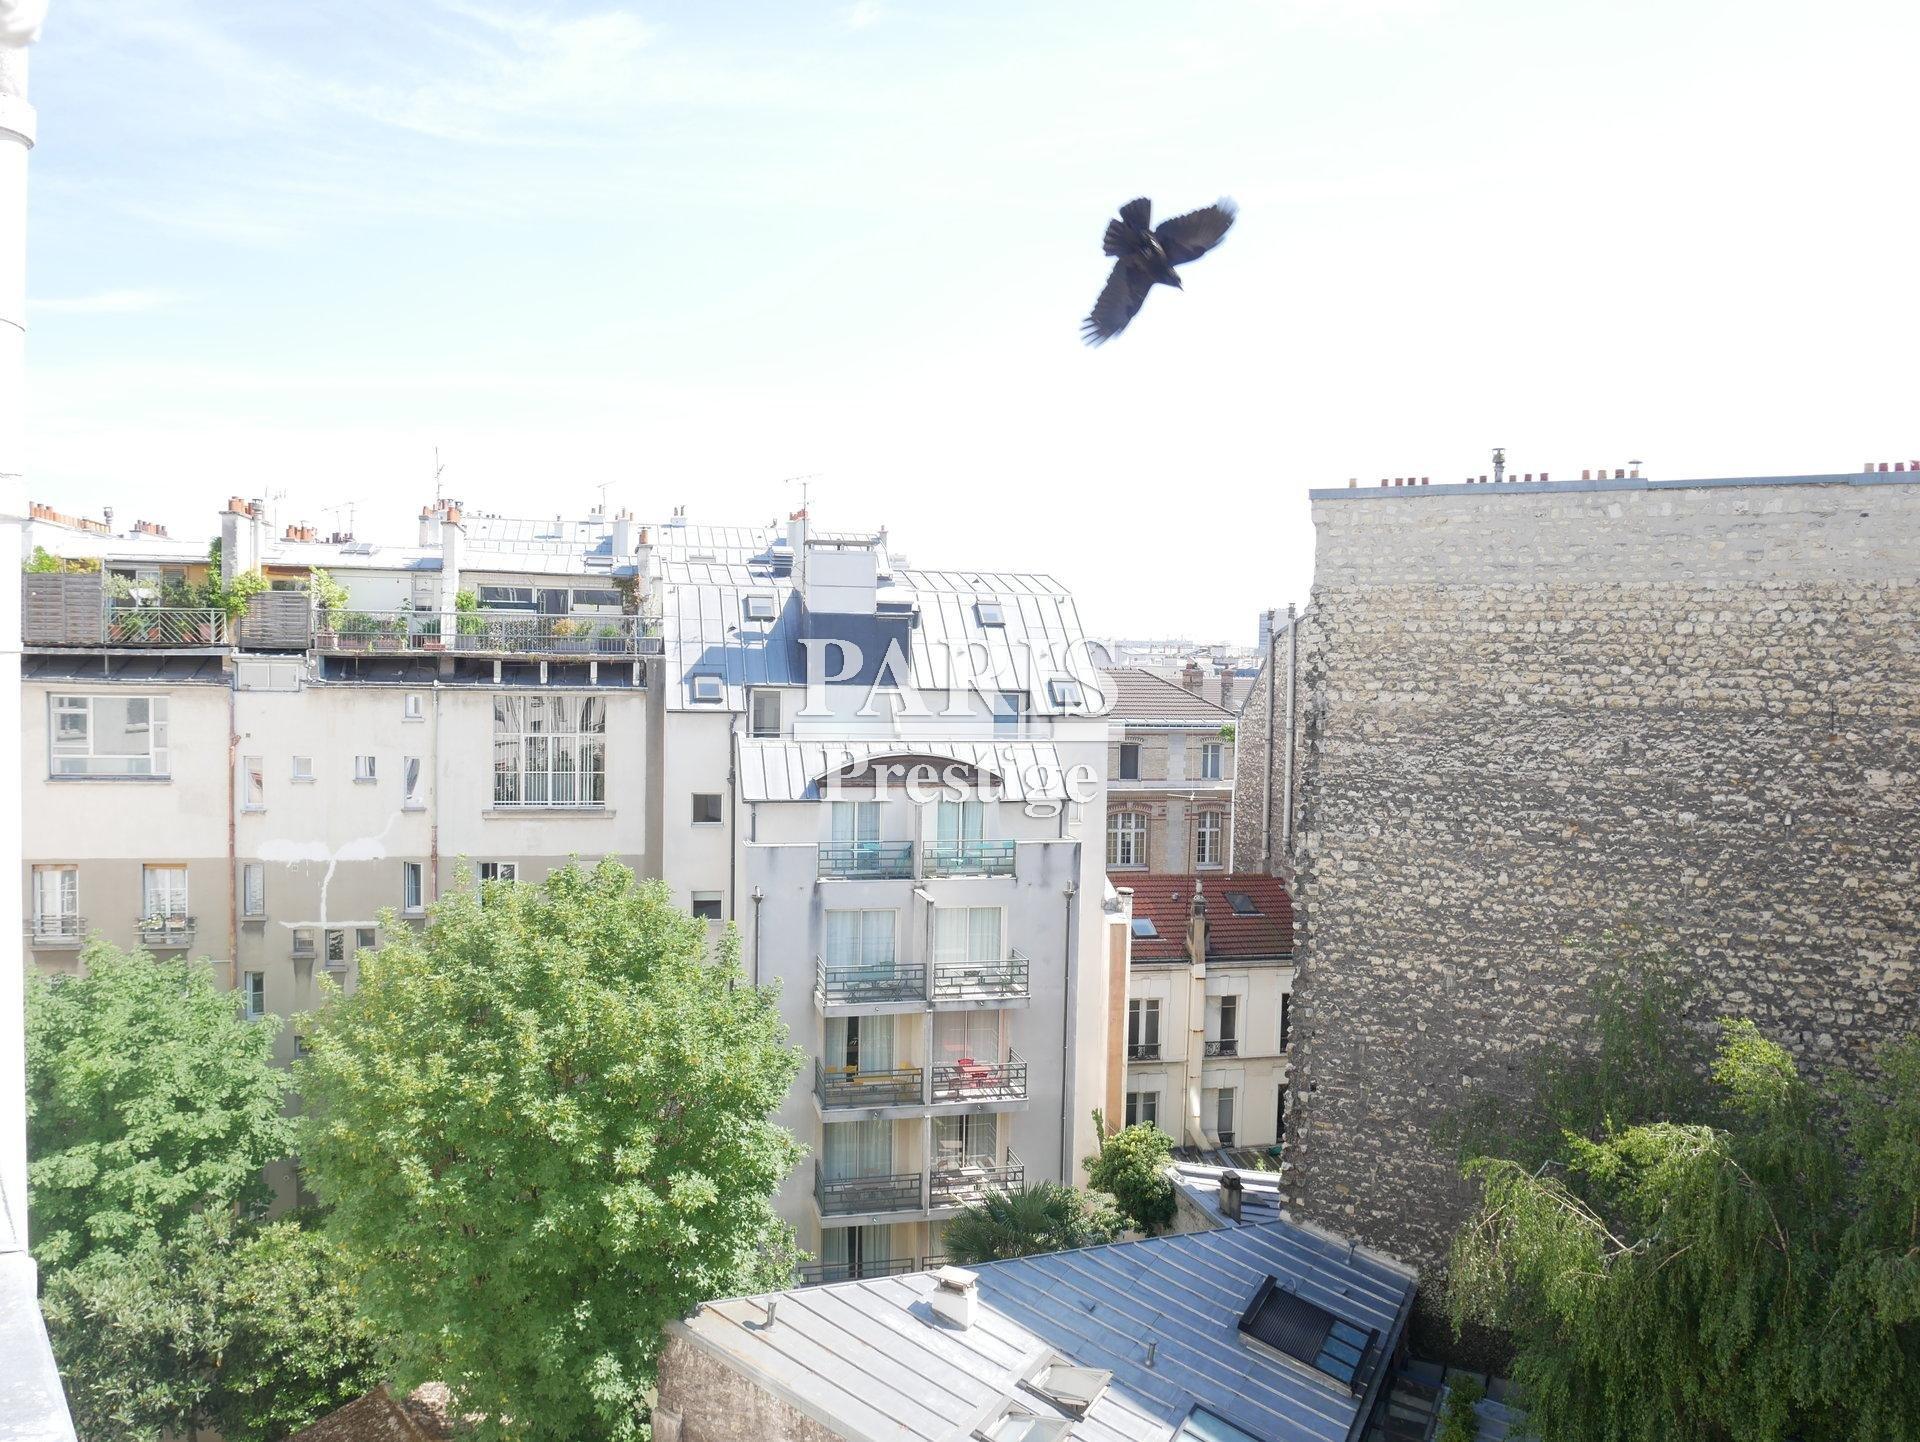 Sale Apartment - Paris 5th (Paris 5ème) Val-de-Grâce